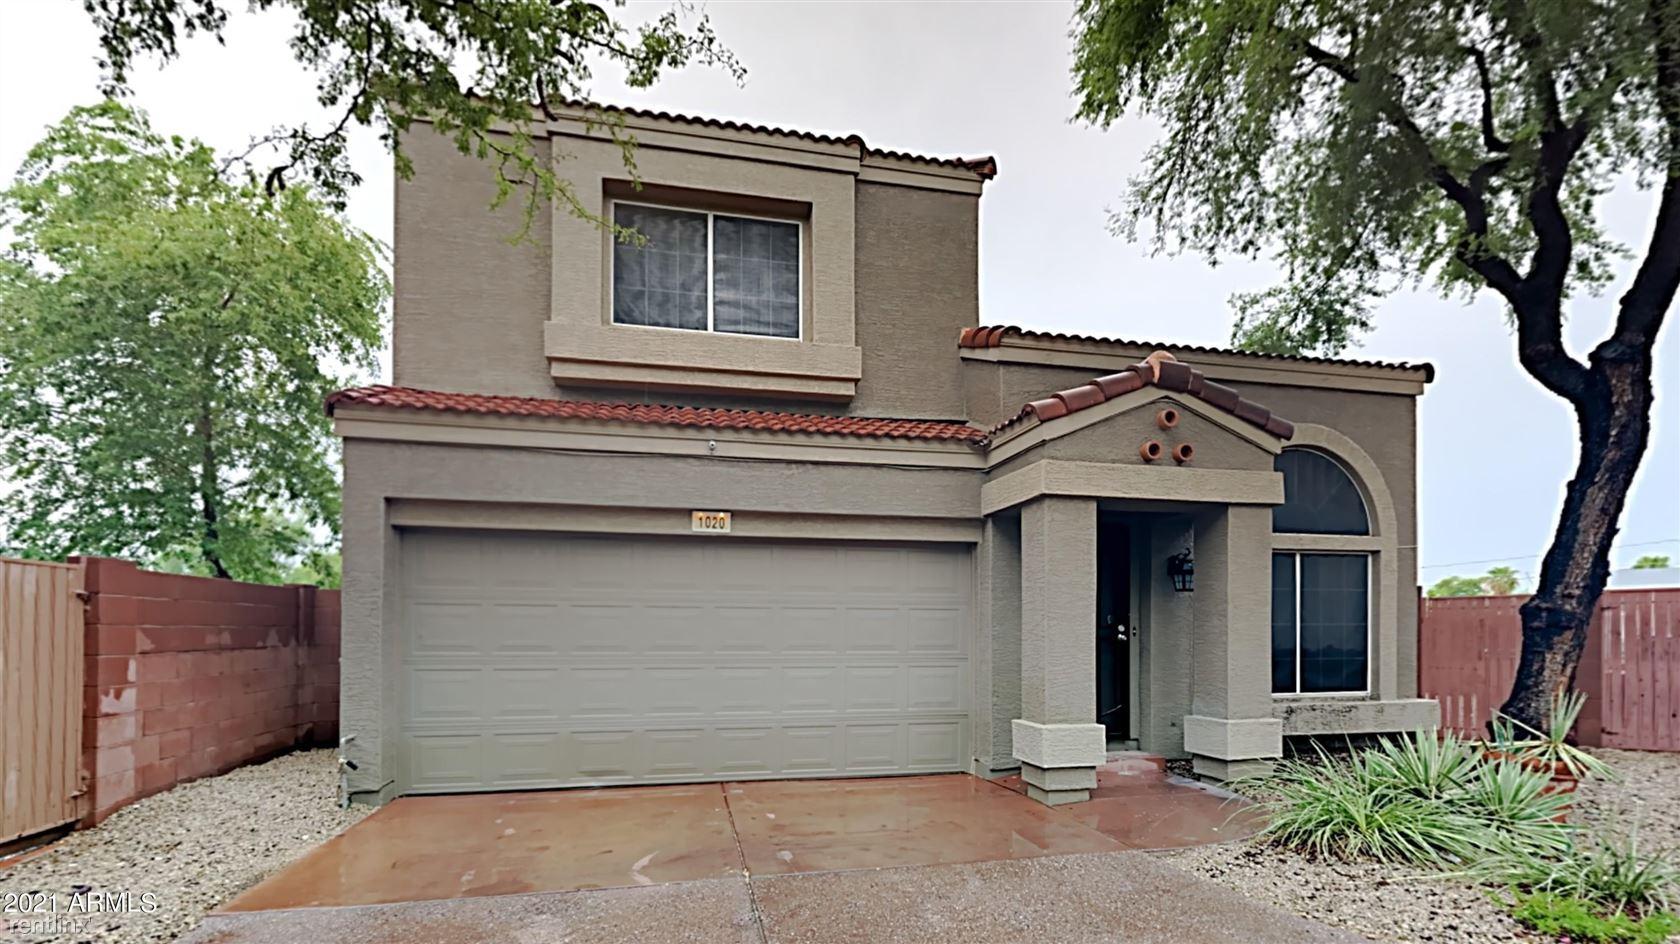 17606 N 17TH Place, Phoenix, AZ - 2,405 USD/ month